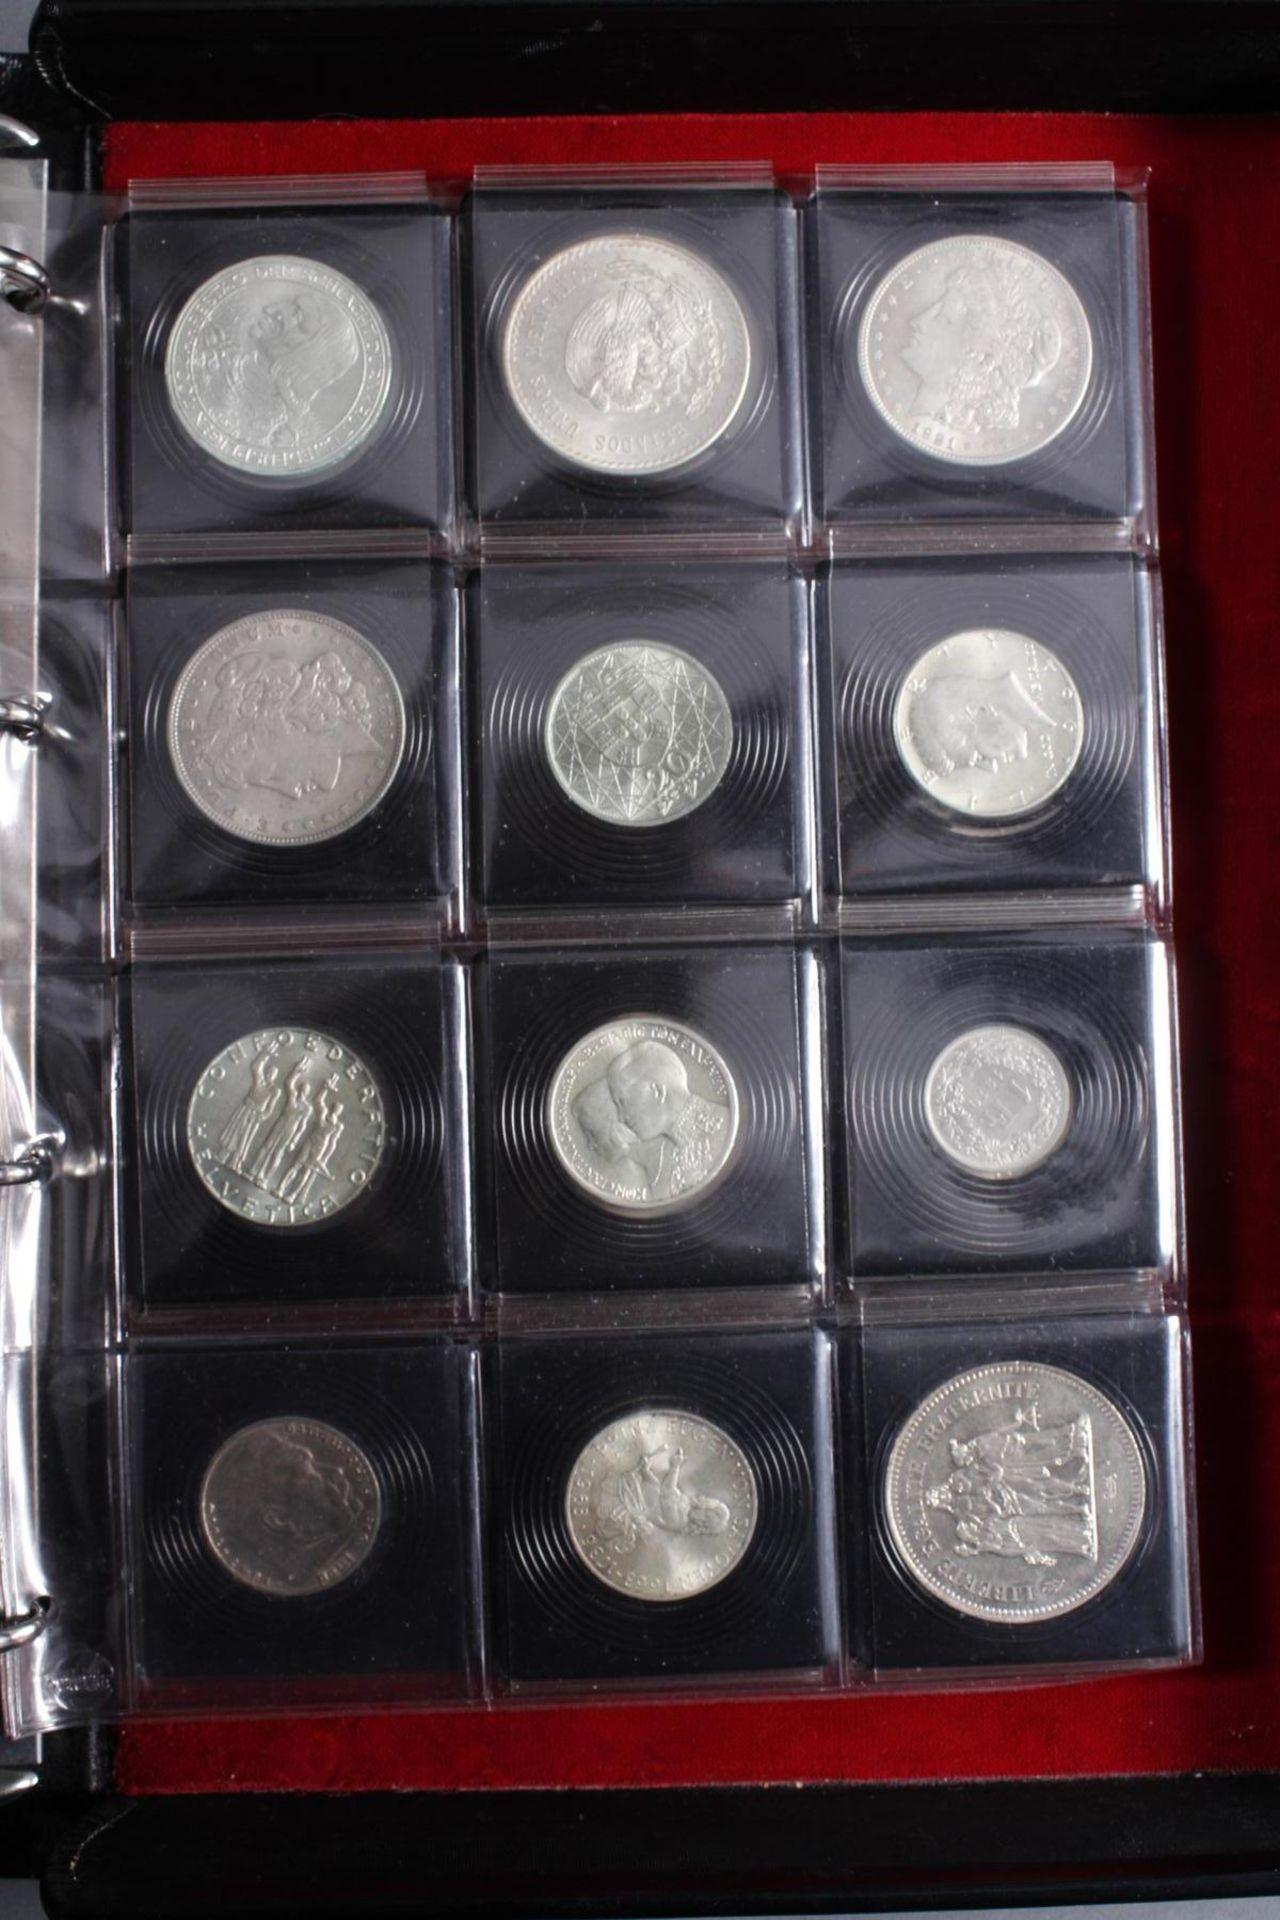 Münz- und Medaillensammlung - Bild 7 aus 8